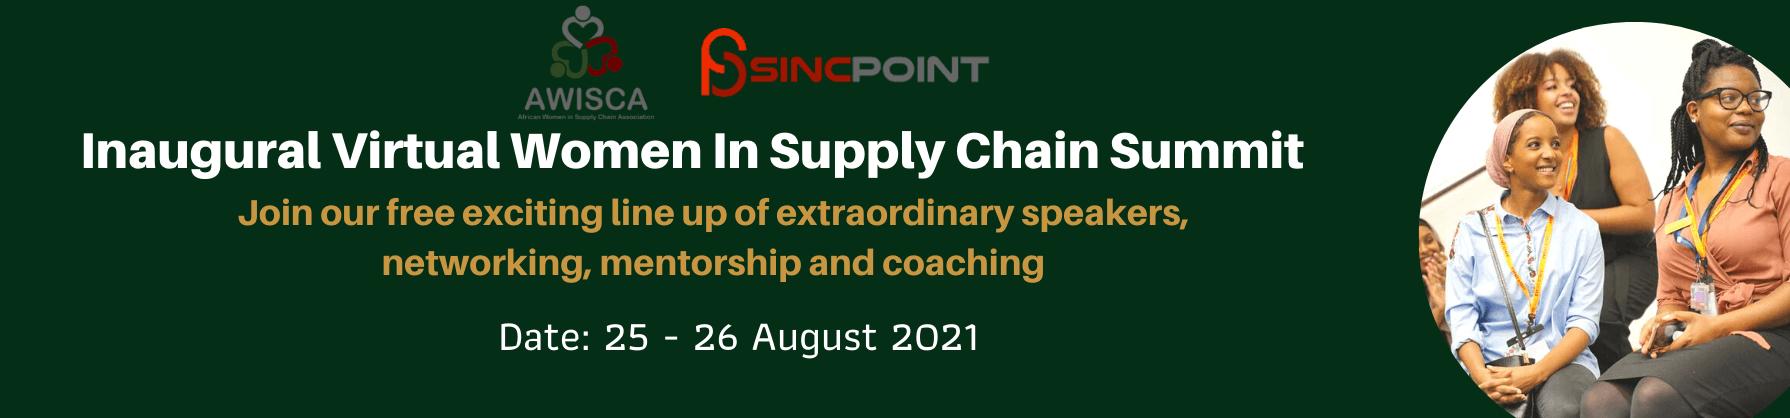 women in supply chain summit